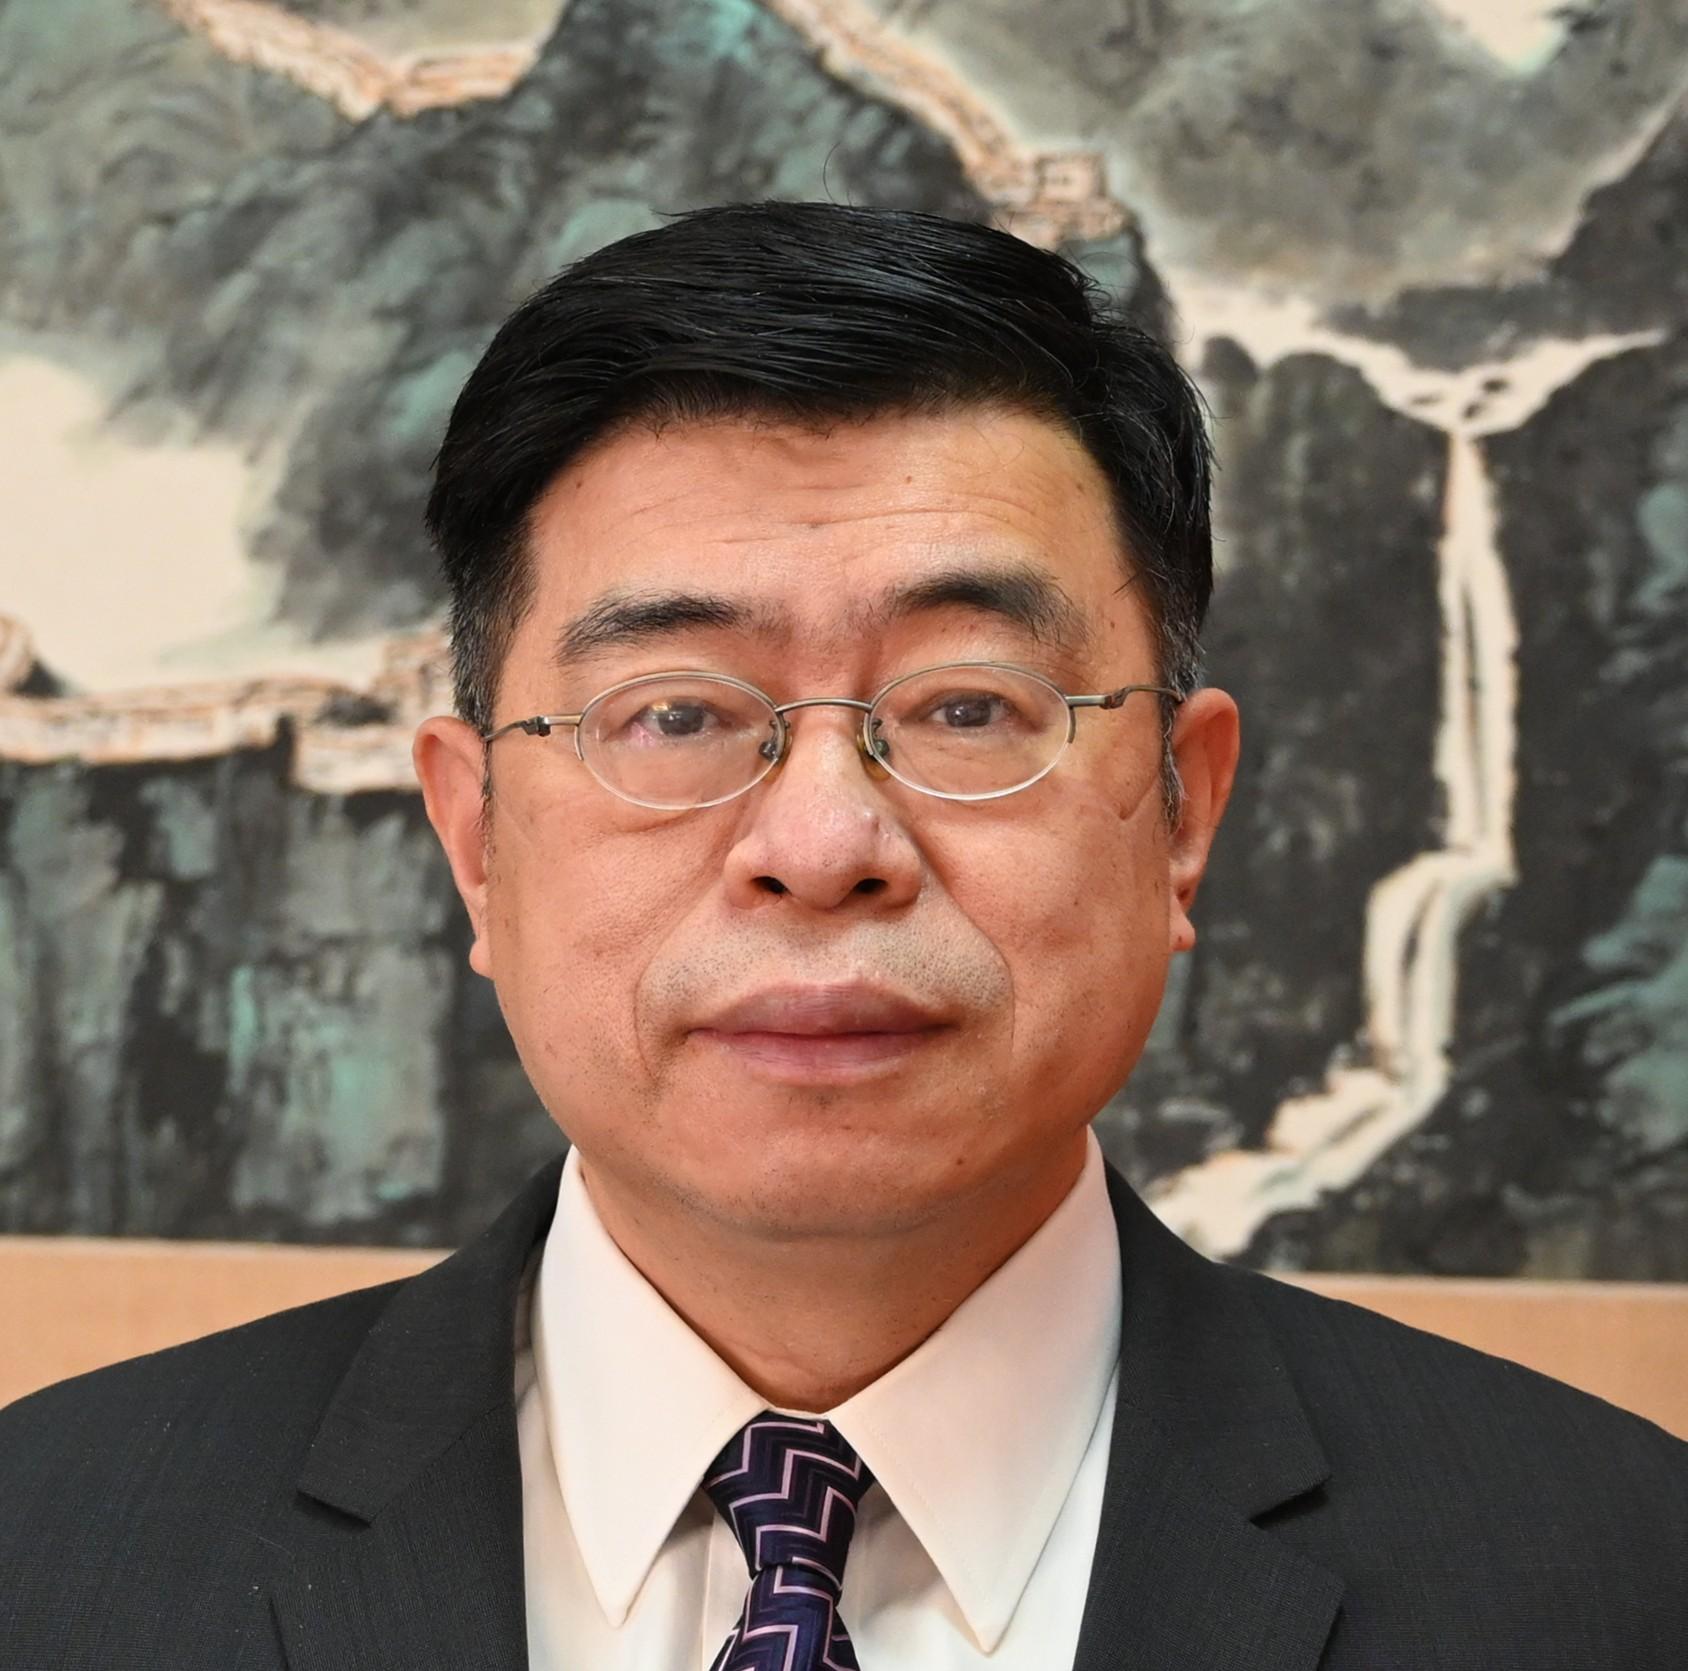 Guojie Cui